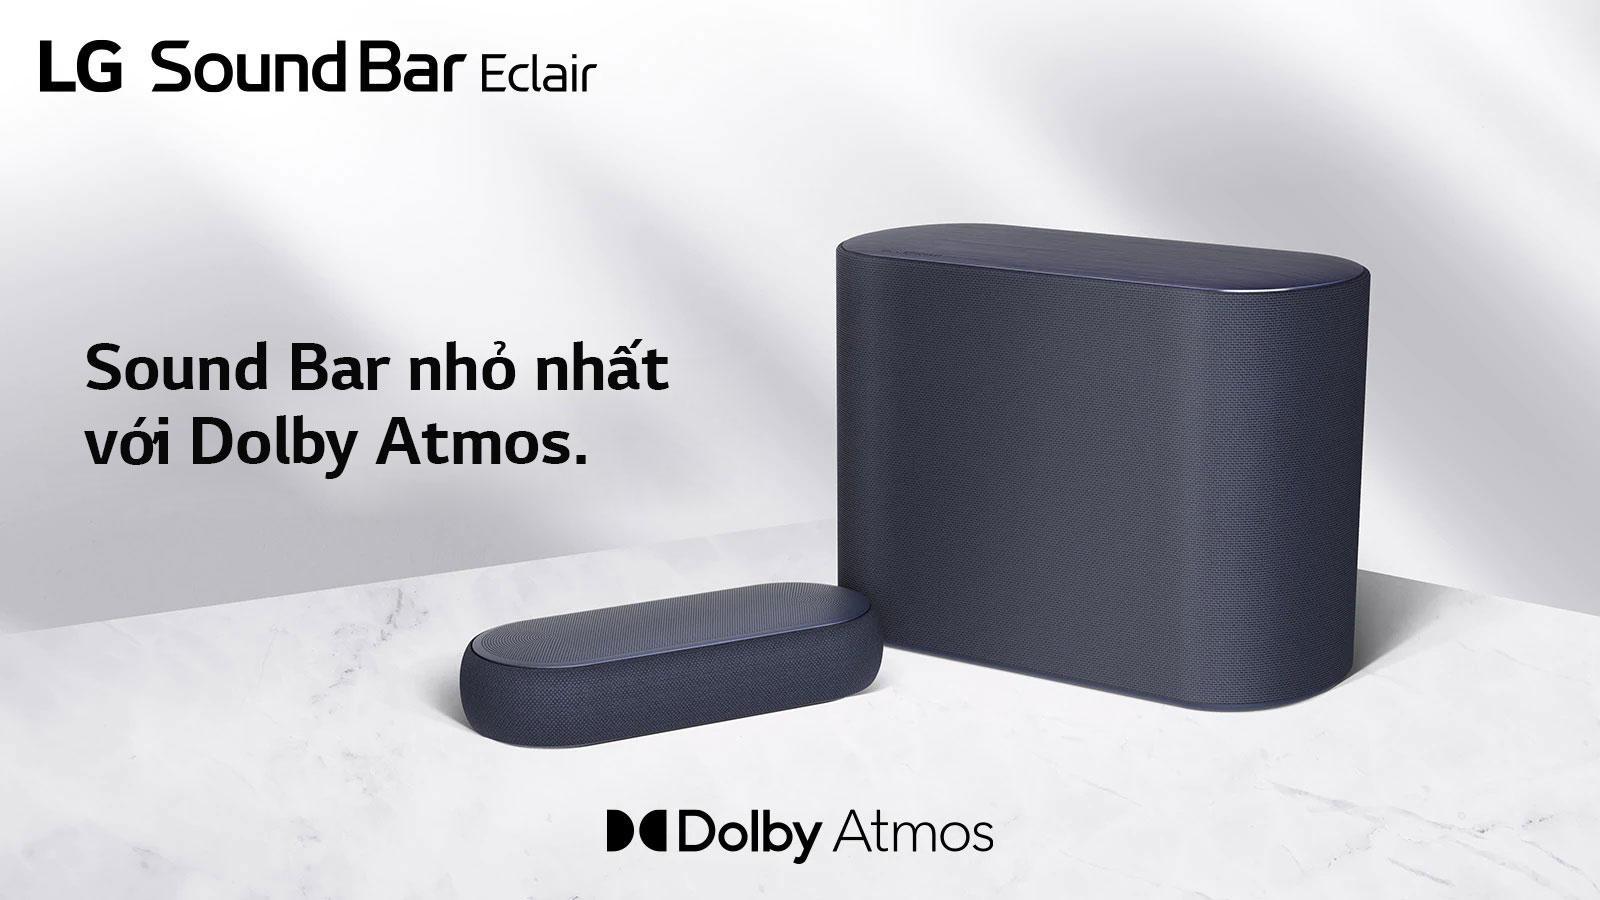 ../../../Downloads/AV-SoundBar-QP5-03-Smallest-Soundbar-Desktop.jpg